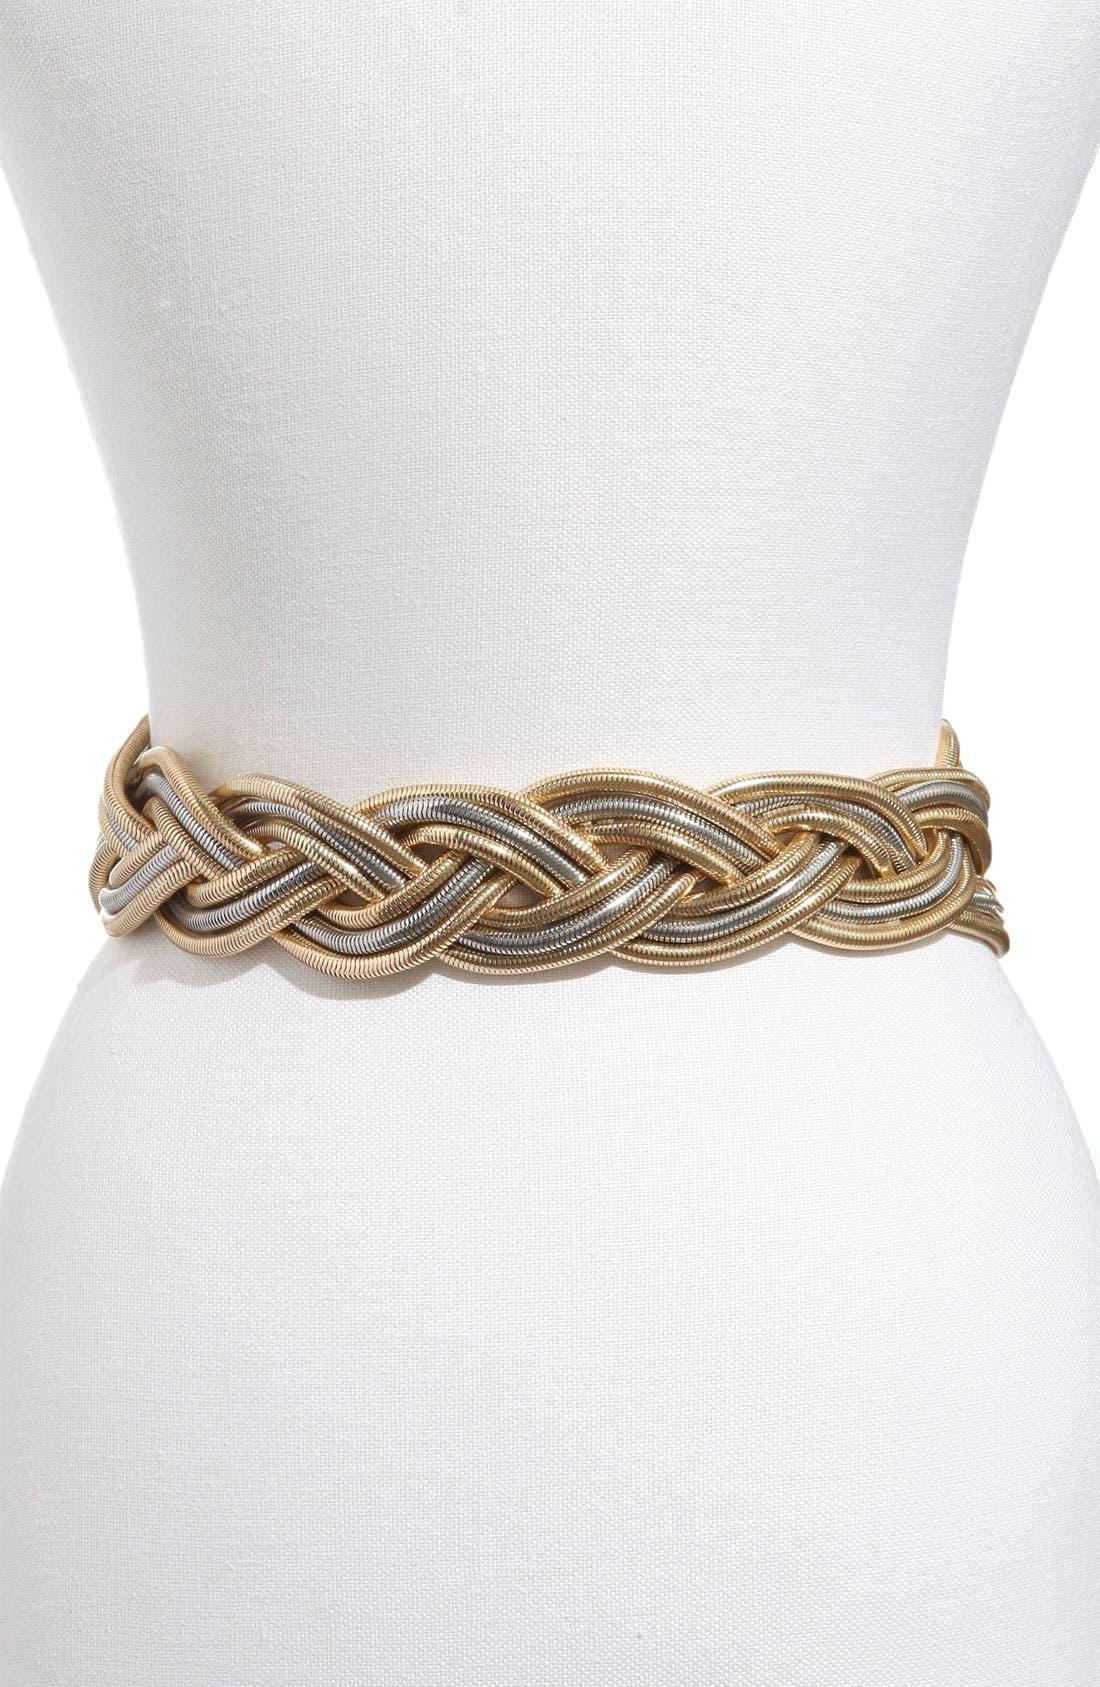 Alternate Image 1 Selected - Raina 'Dynasty' Belt